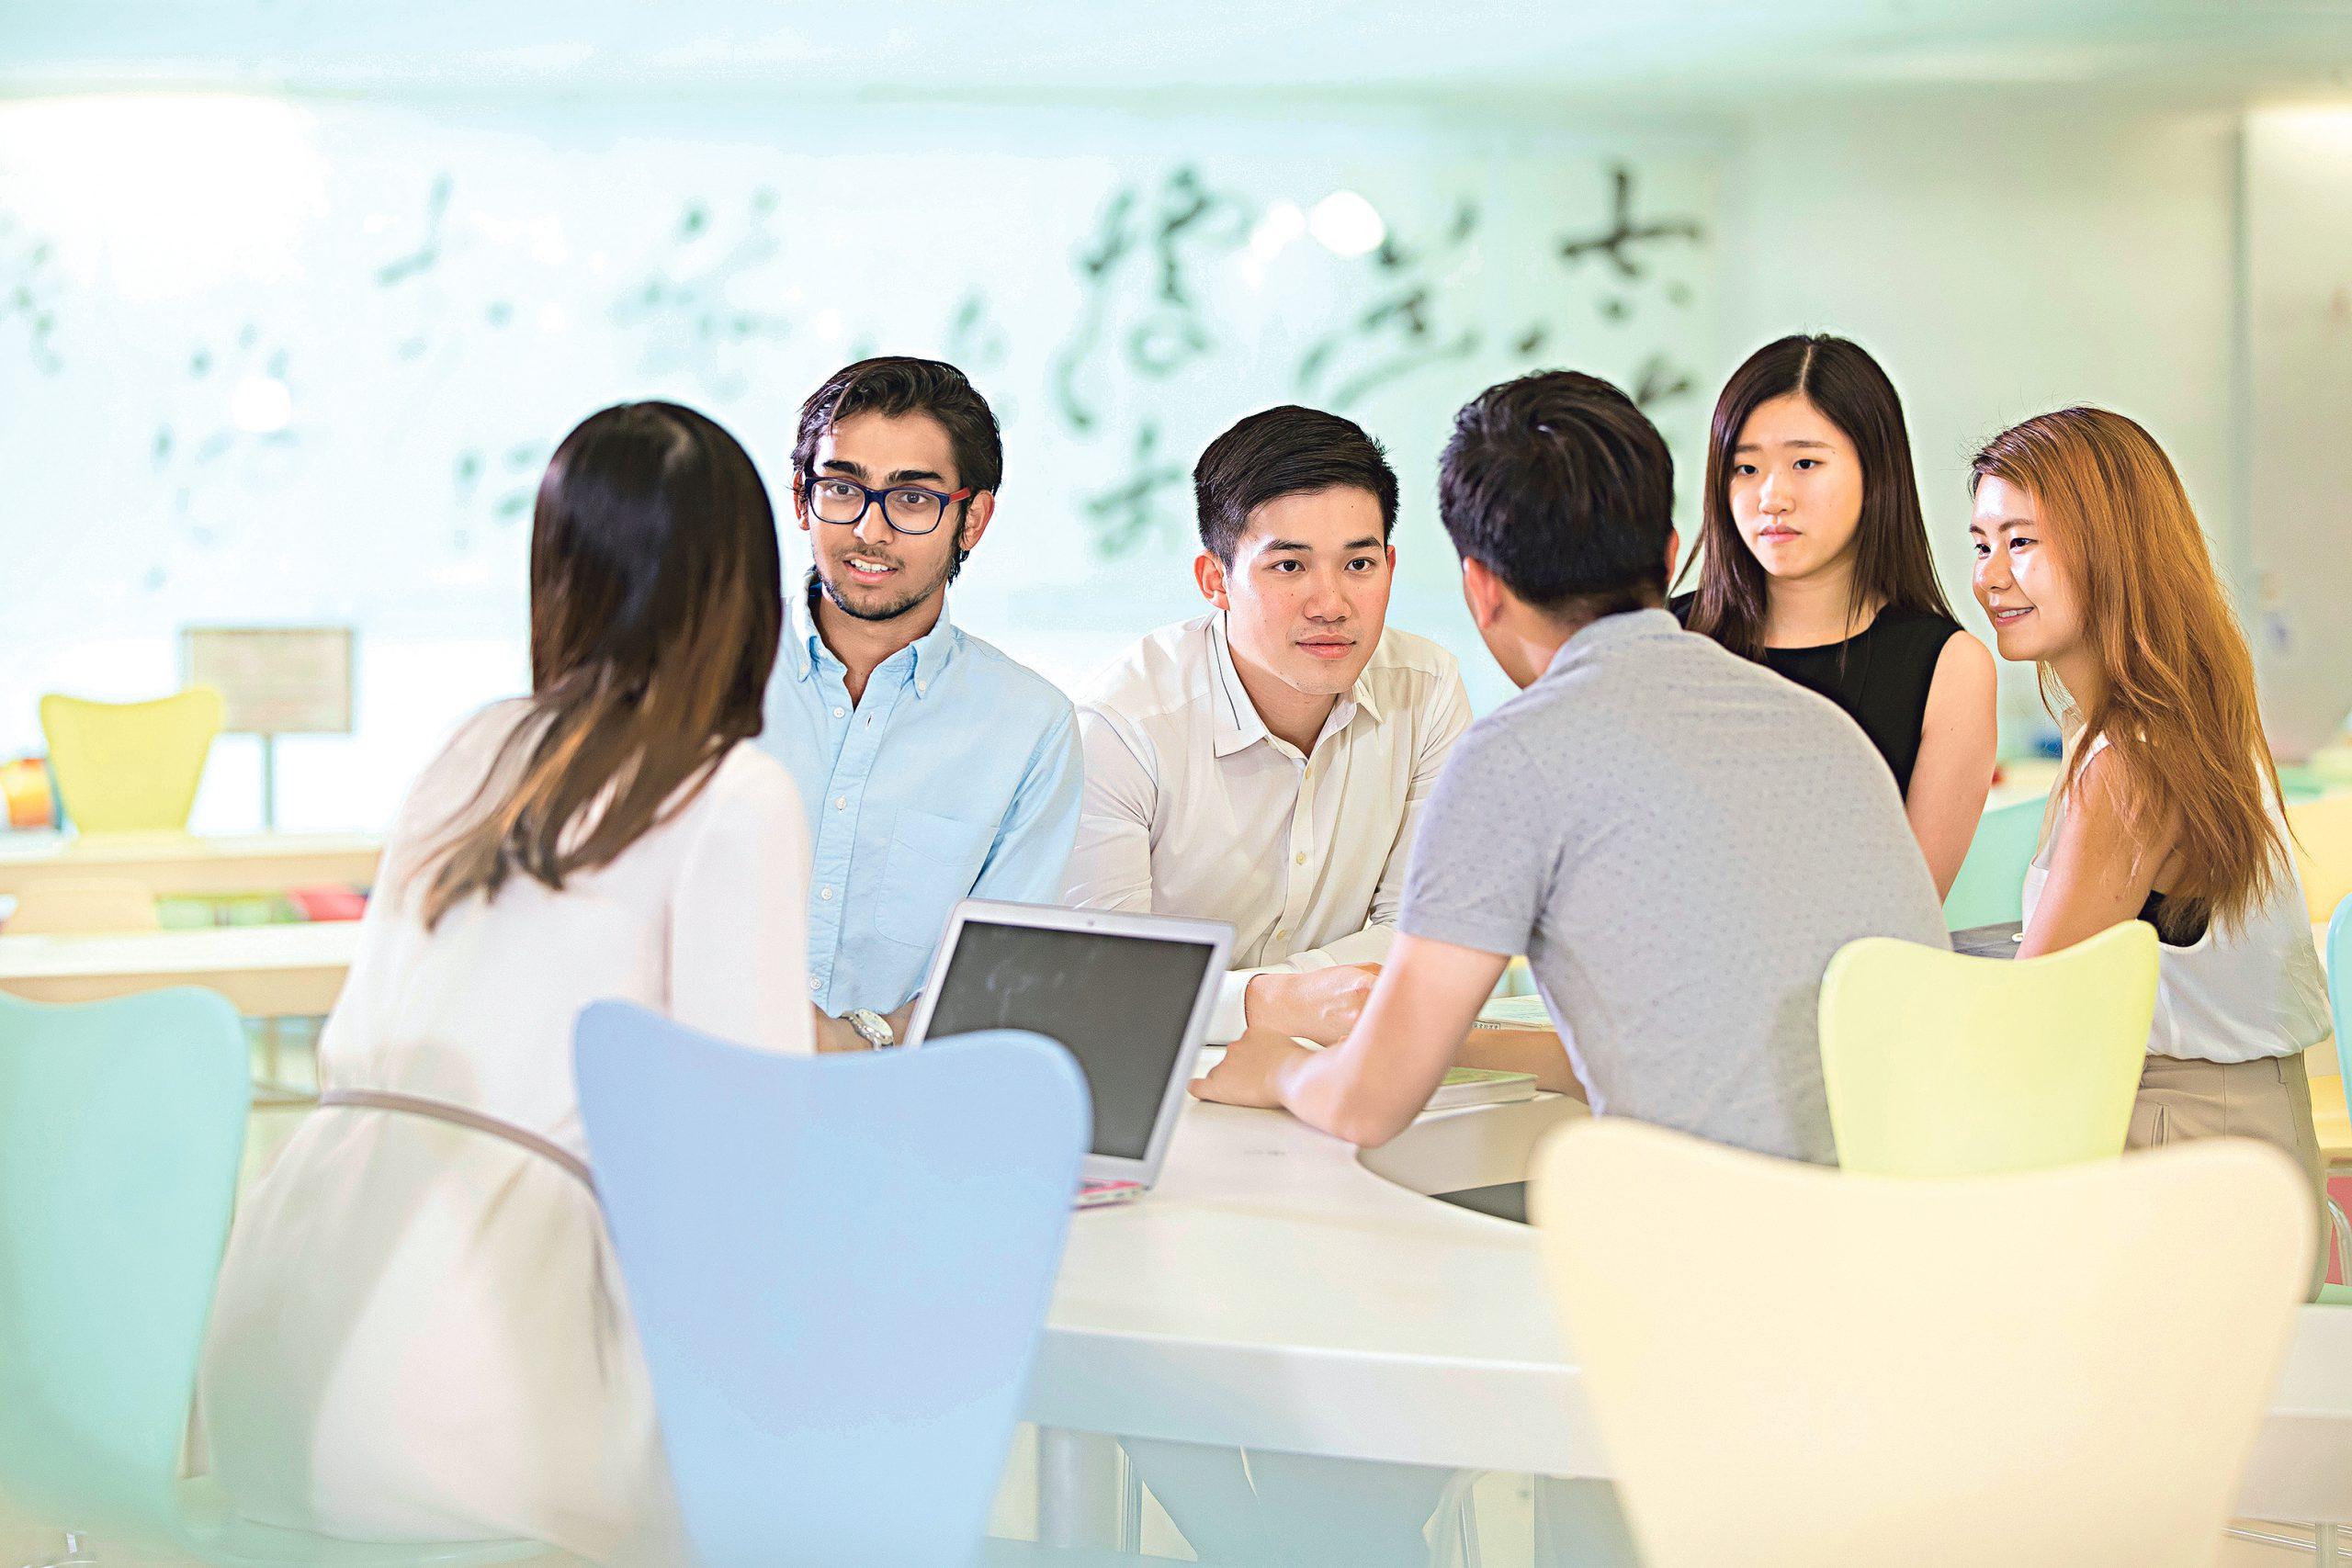 置身職場講求軟硬技能兼備,大專 生宜於在學階段多參加不同的體驗 活動,多與他人接觸和合作,有助 提升溝通及社交等能力。